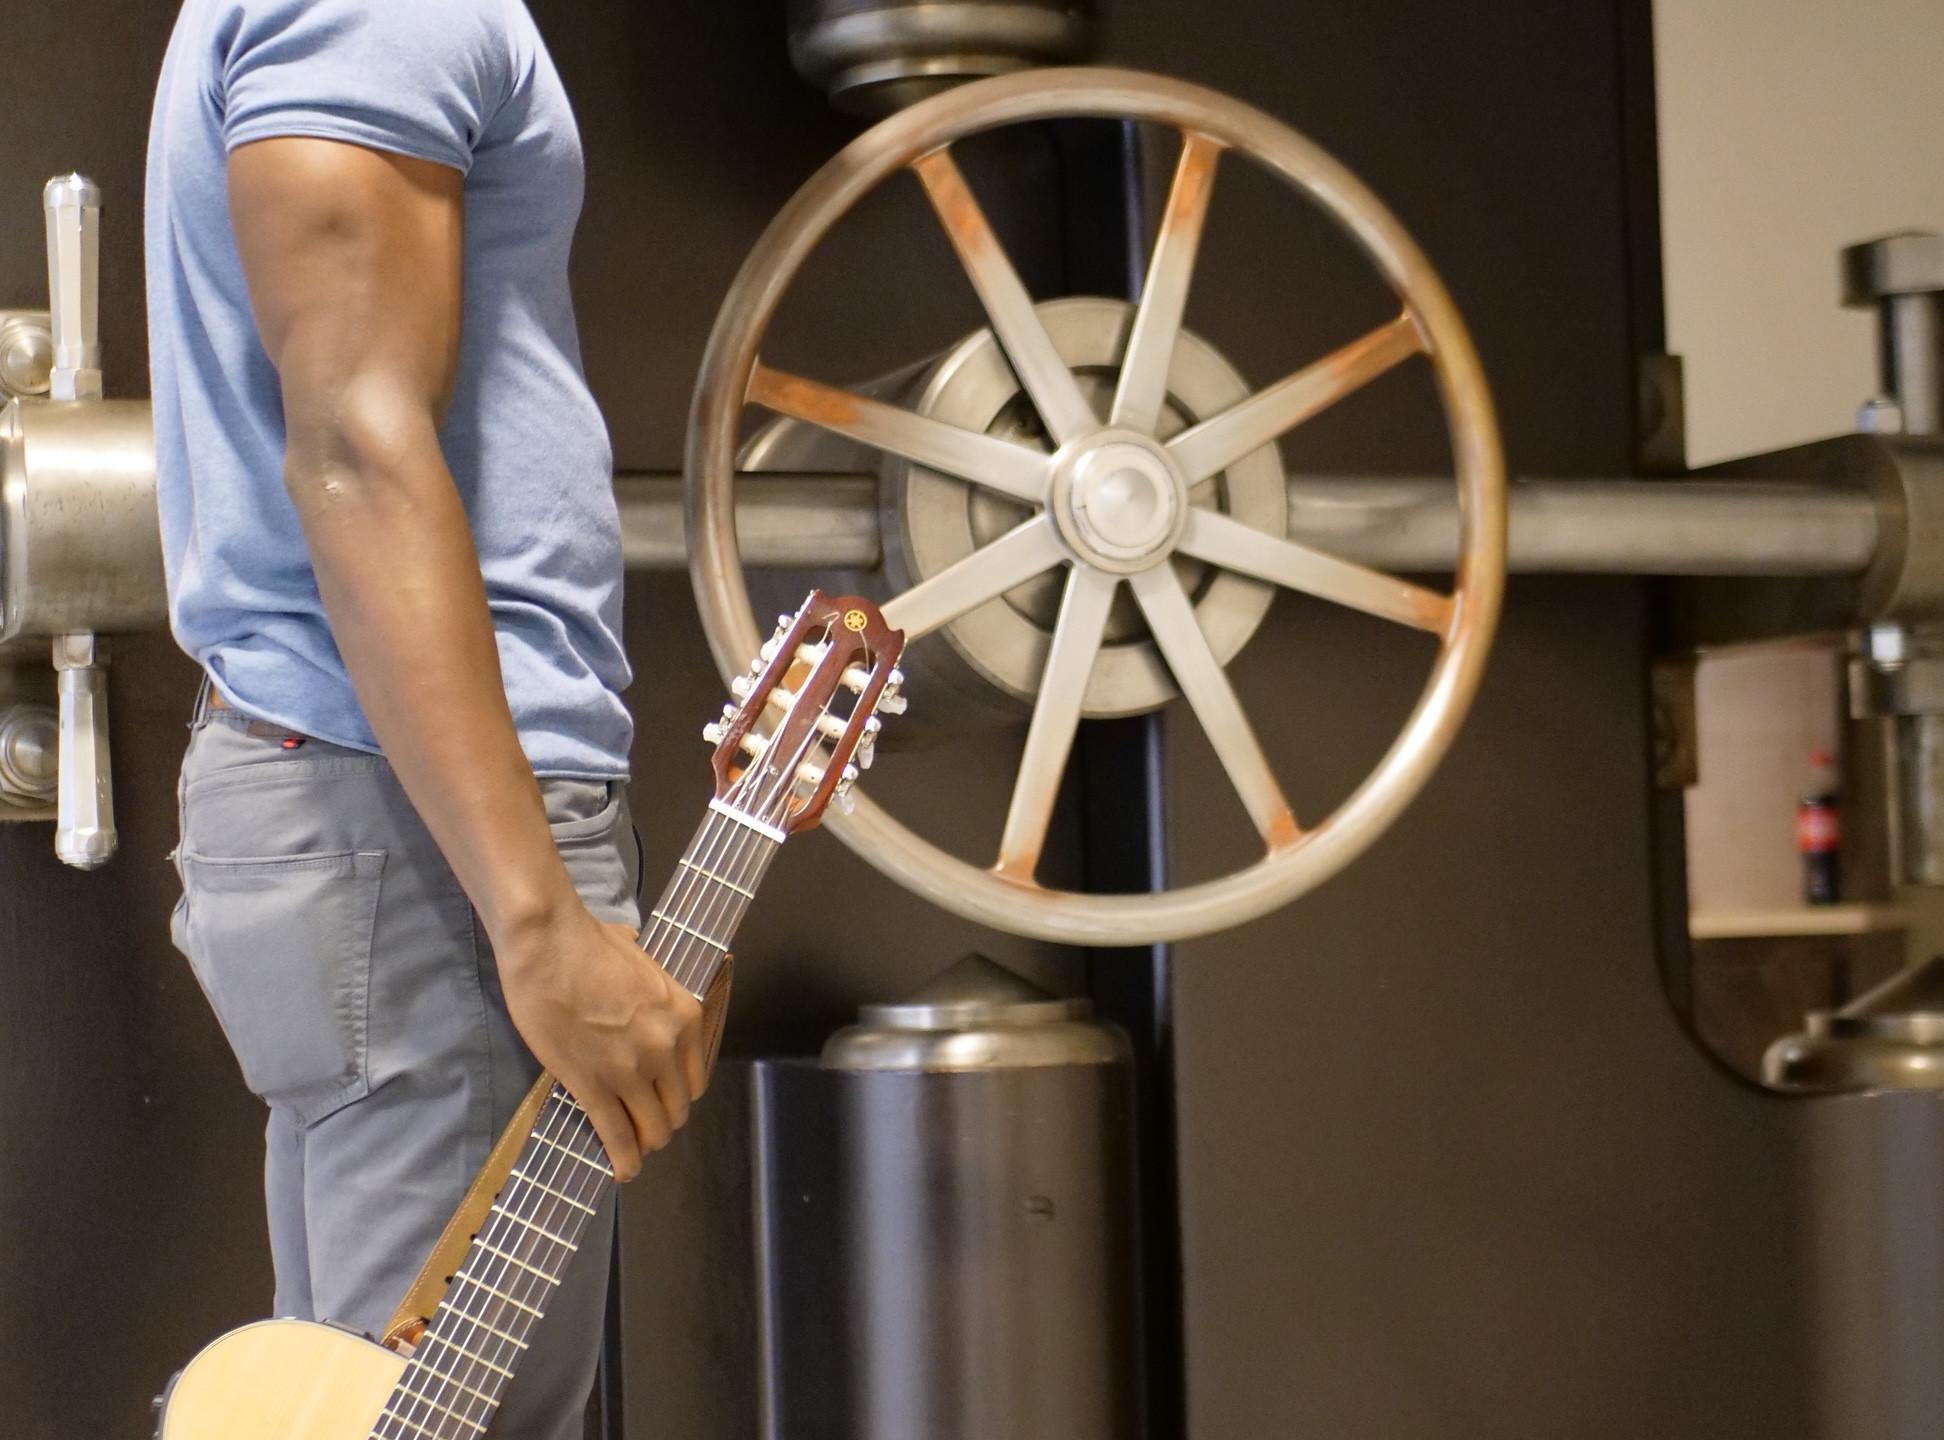 Damiyr Shuford Actor Singer